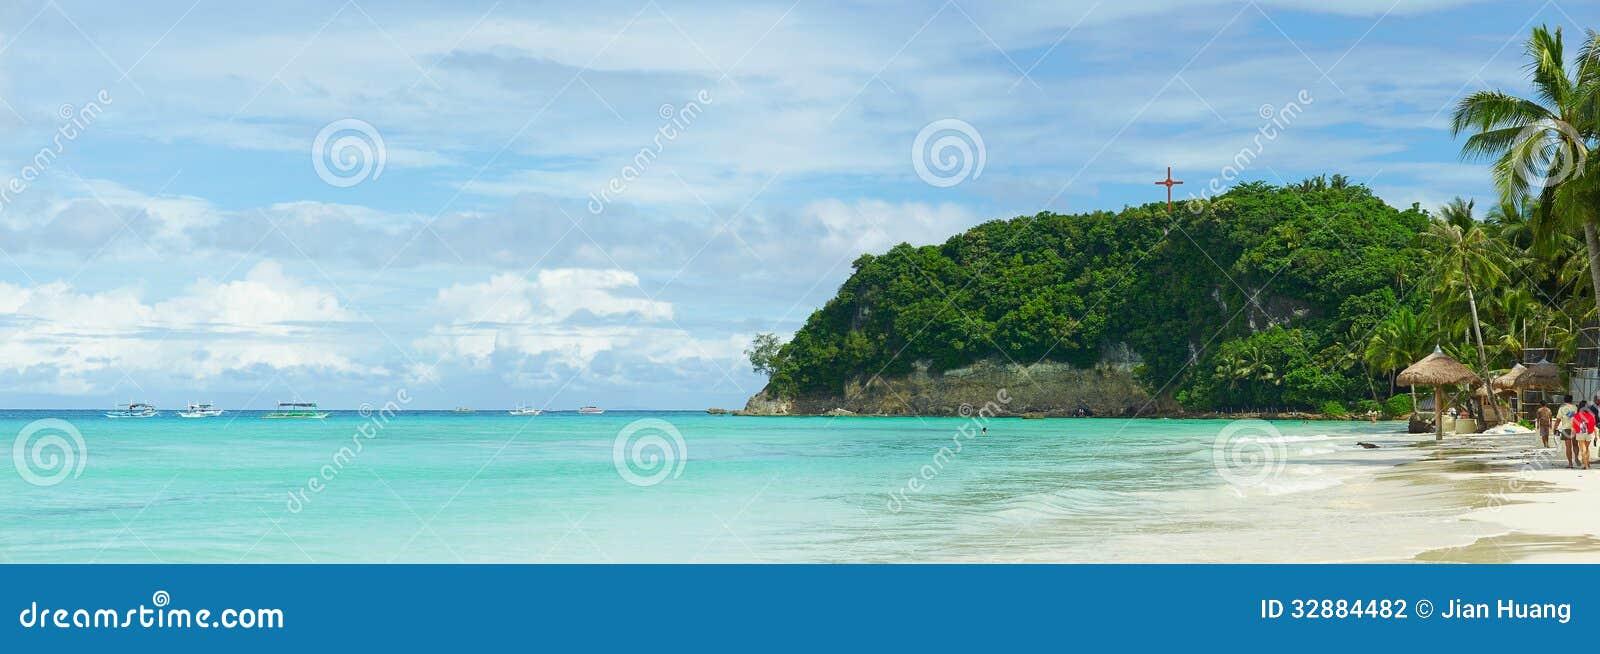 海滩在博拉凯海岛